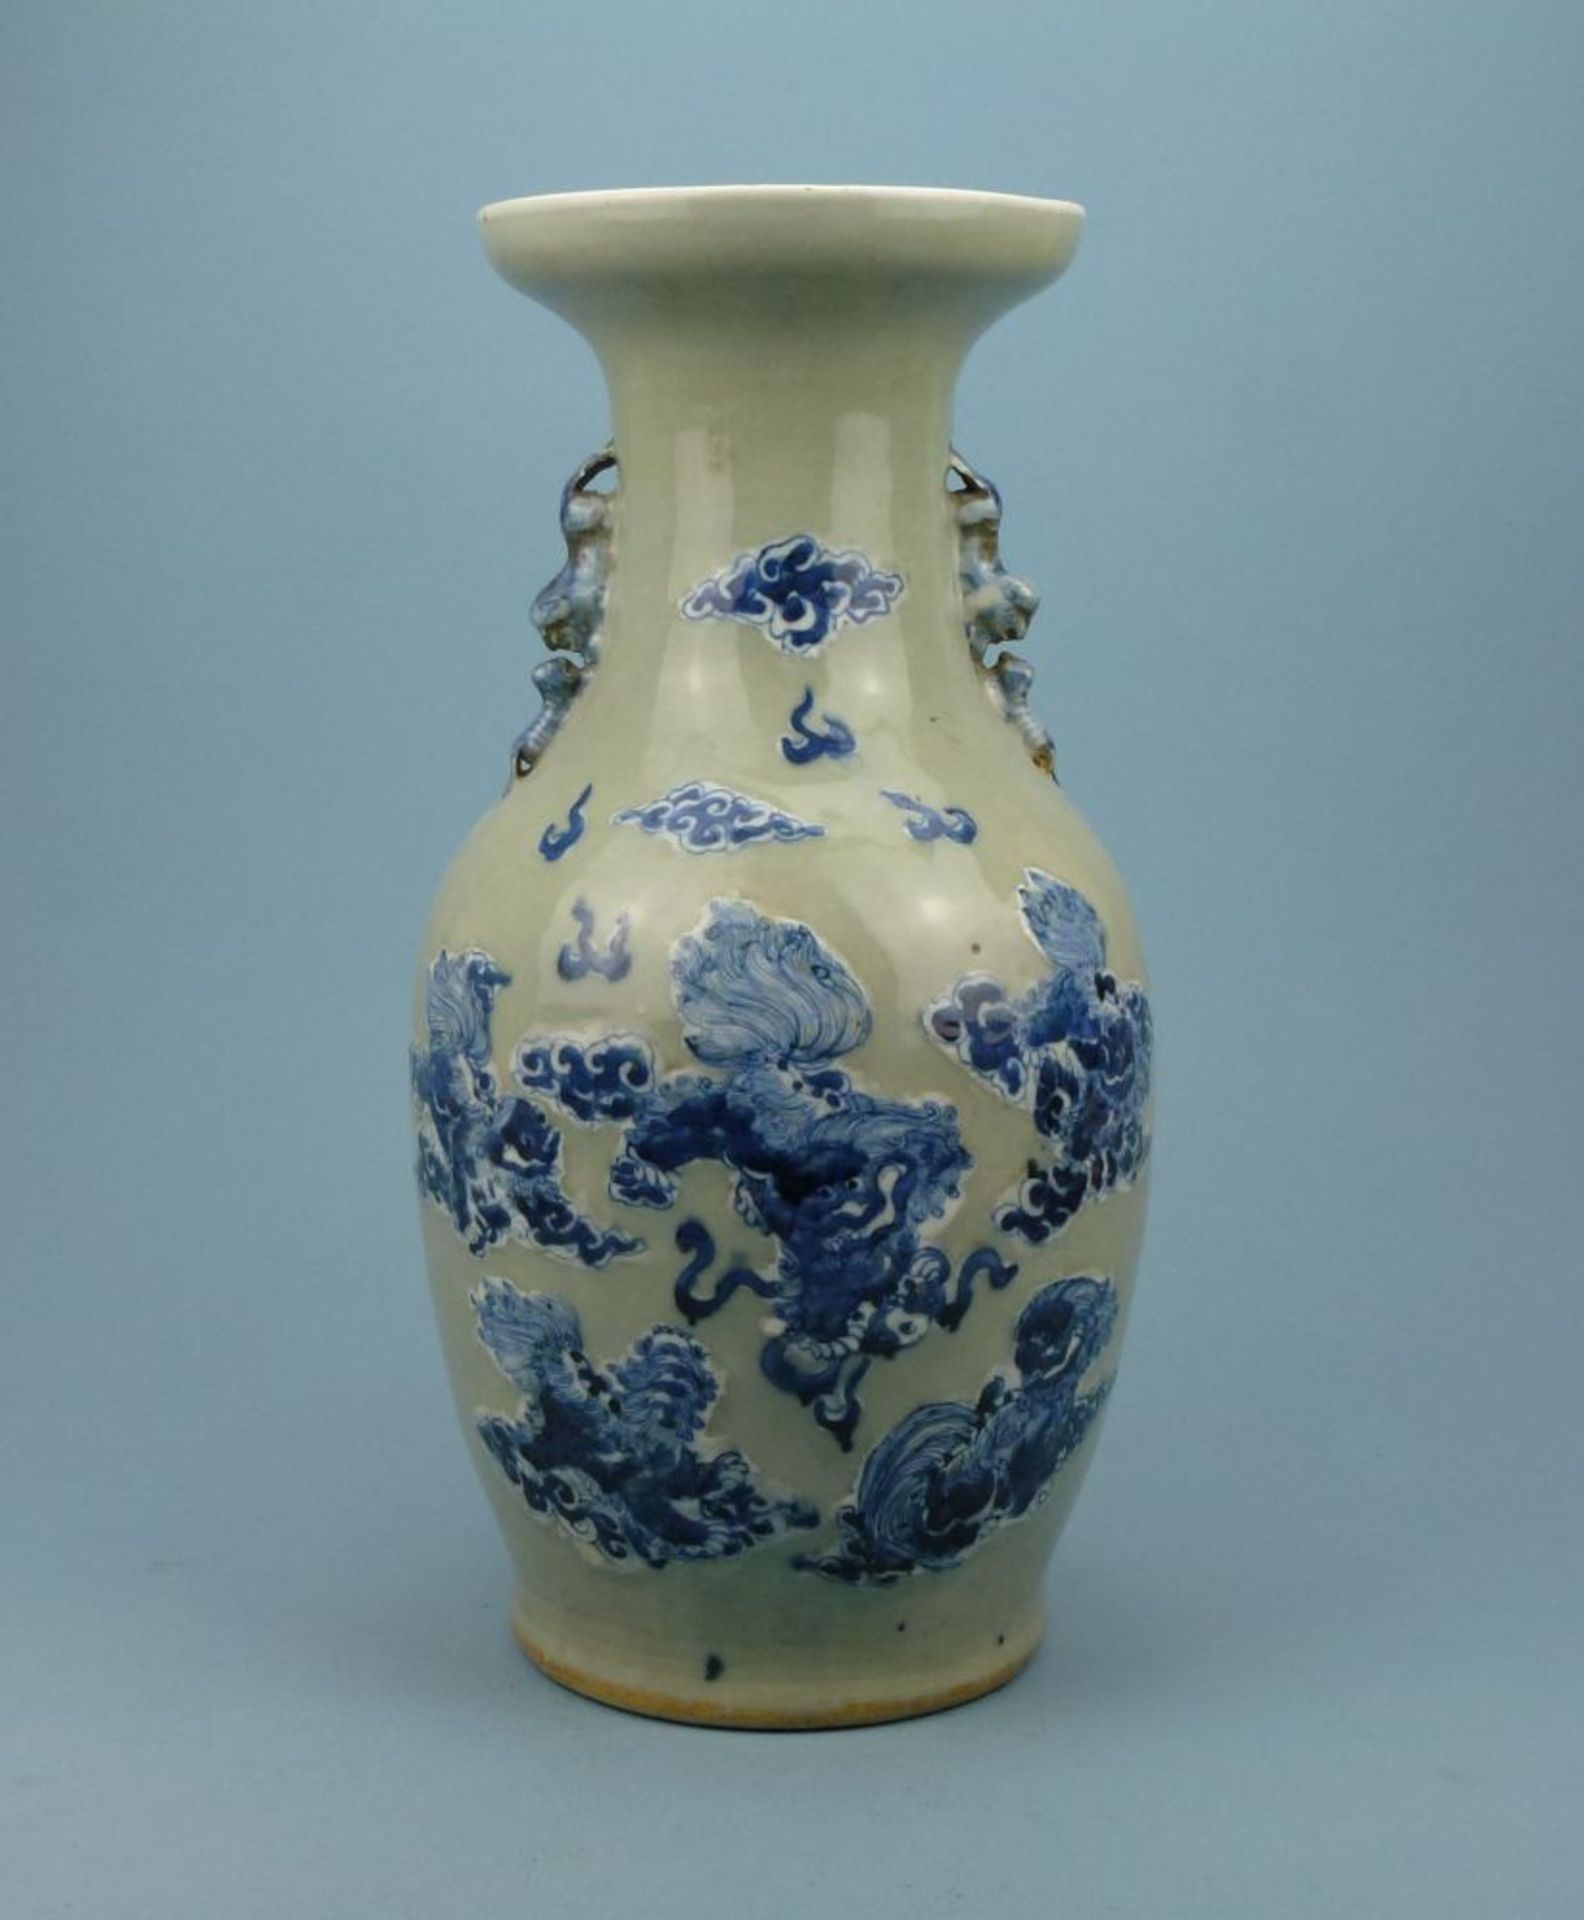 Los 21 - Bodenvase, Asienovoid, Trompetenkragen, Seladon, leicht reliefierte Blaumalerei-Drachen, Löwen-